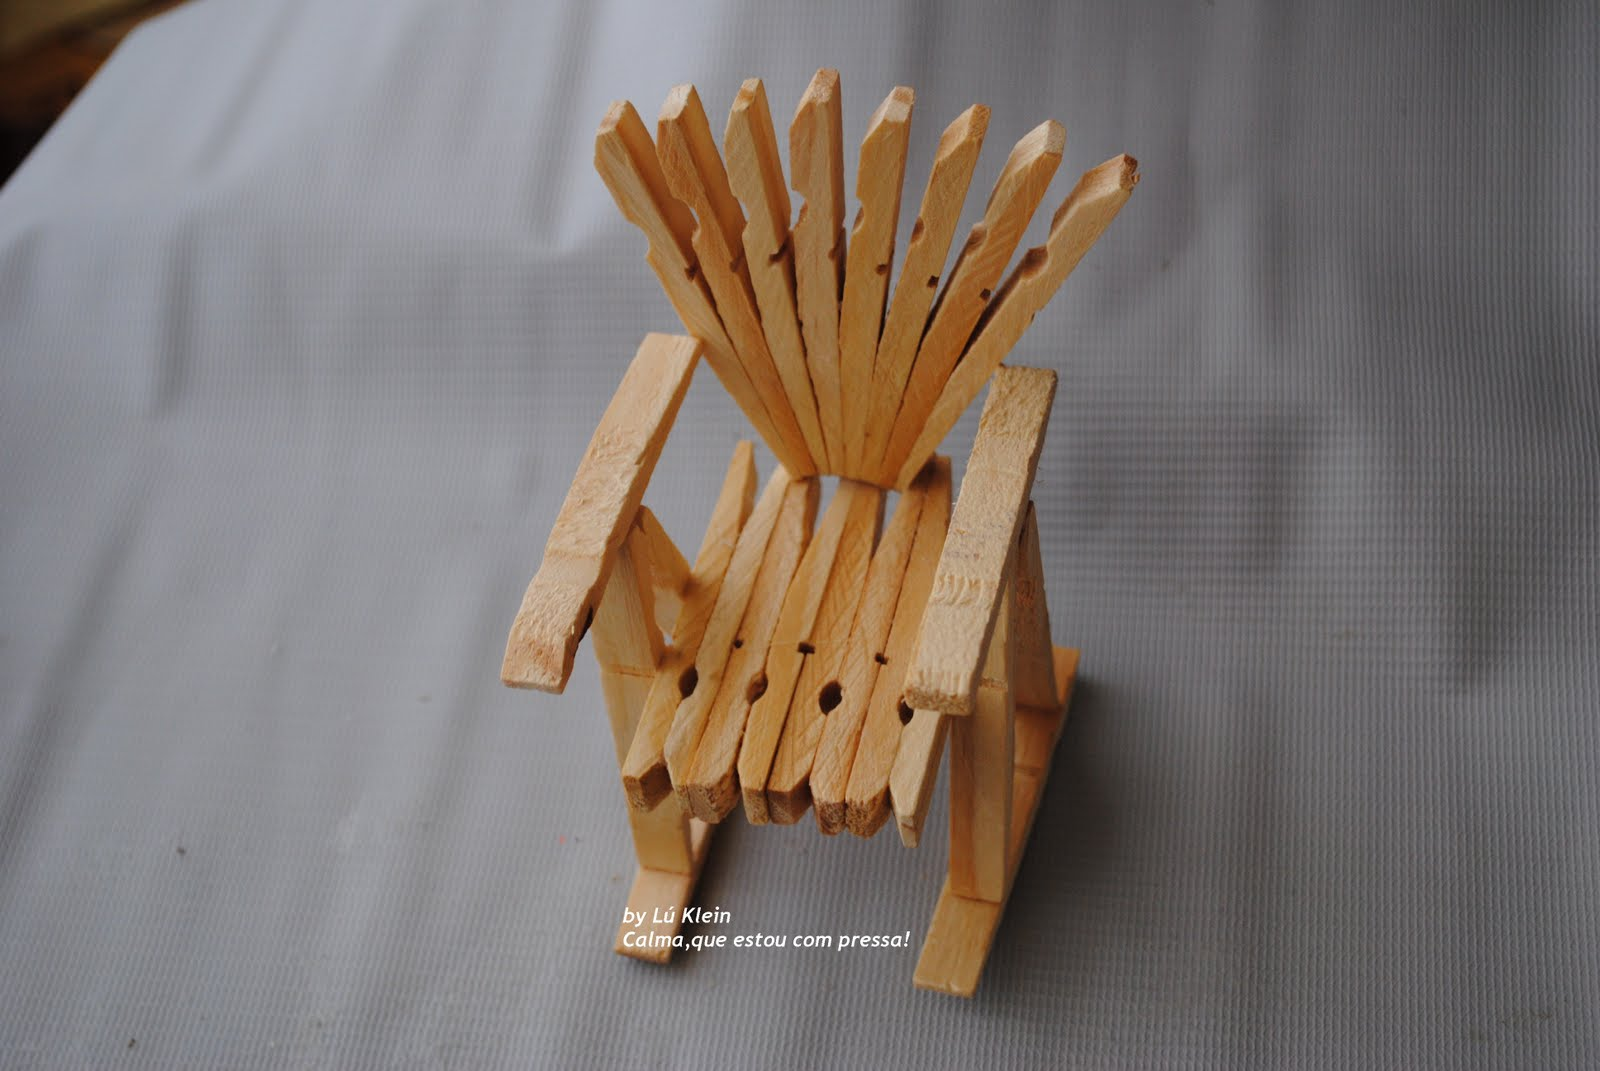 #724626 ESSE LIXO QUE NÃO SOME!..: Cadeira de balanço de palito de sorvete 1600x1071 px cadeira de balanço com pregador @ bernauer.info Móveis Antigos Novos E Usados Online